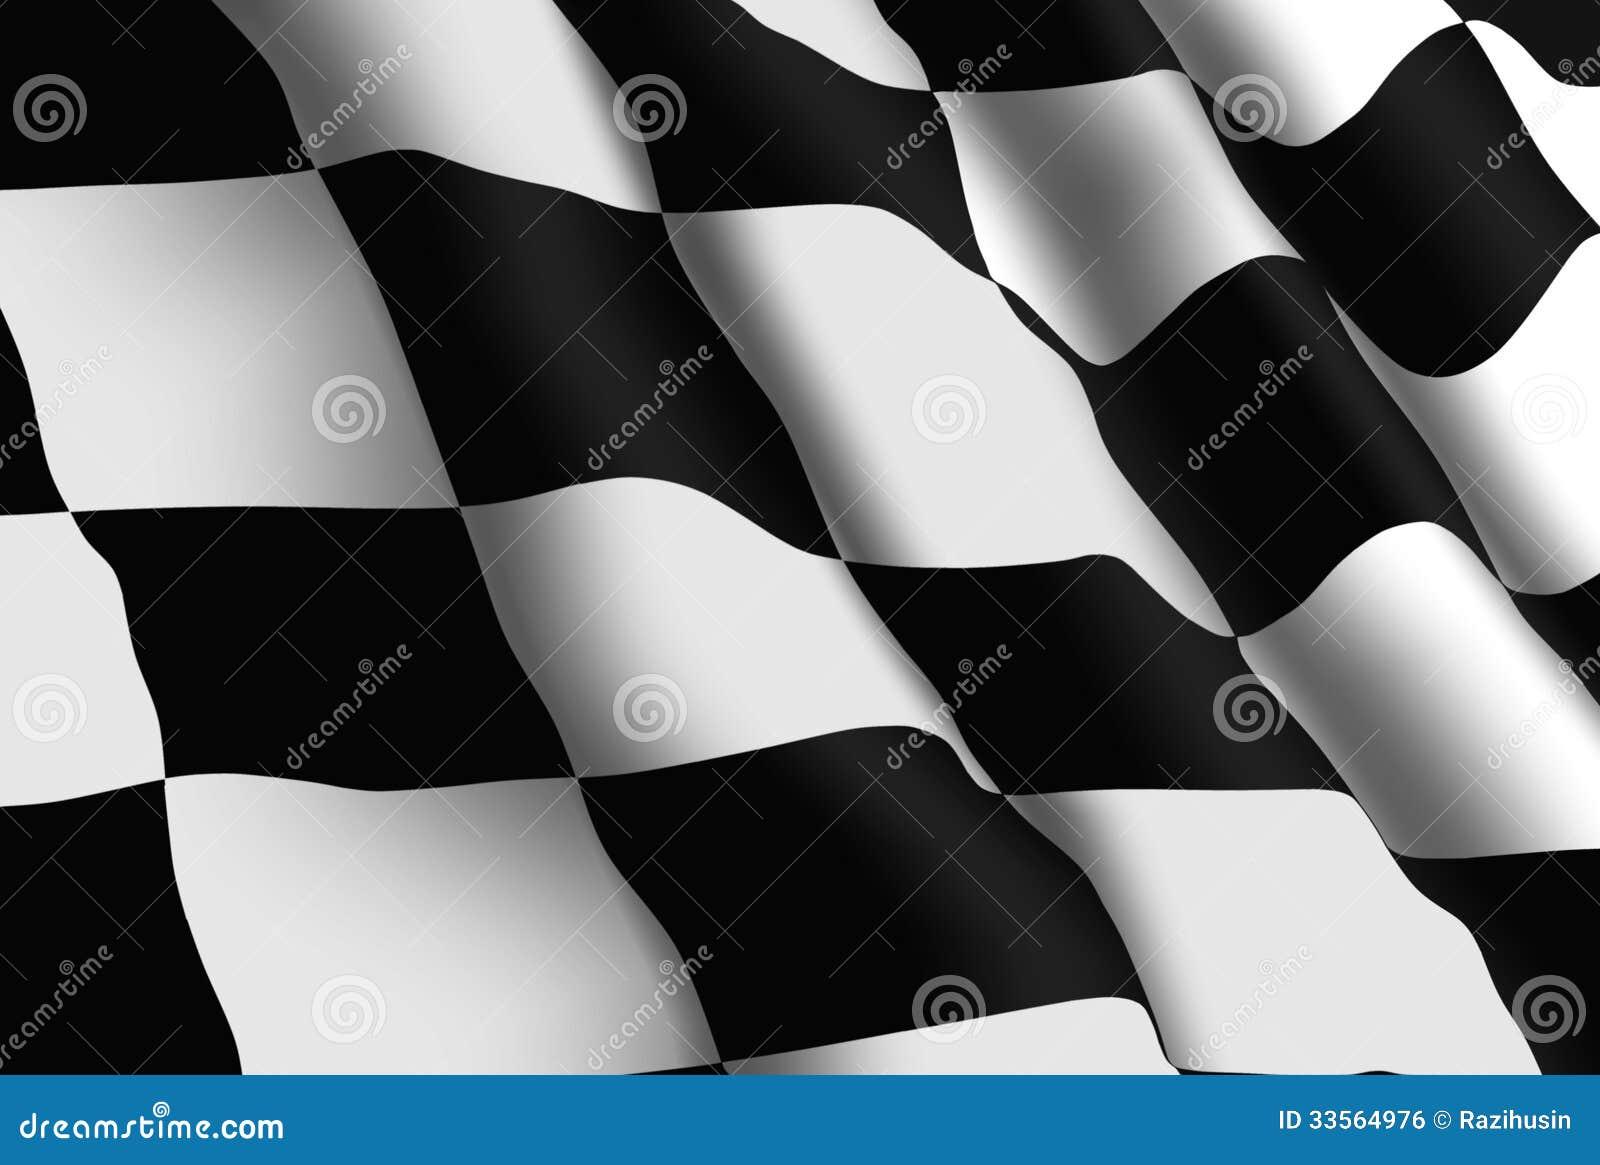 86 Gambar Abstrak Racing Paling Keren